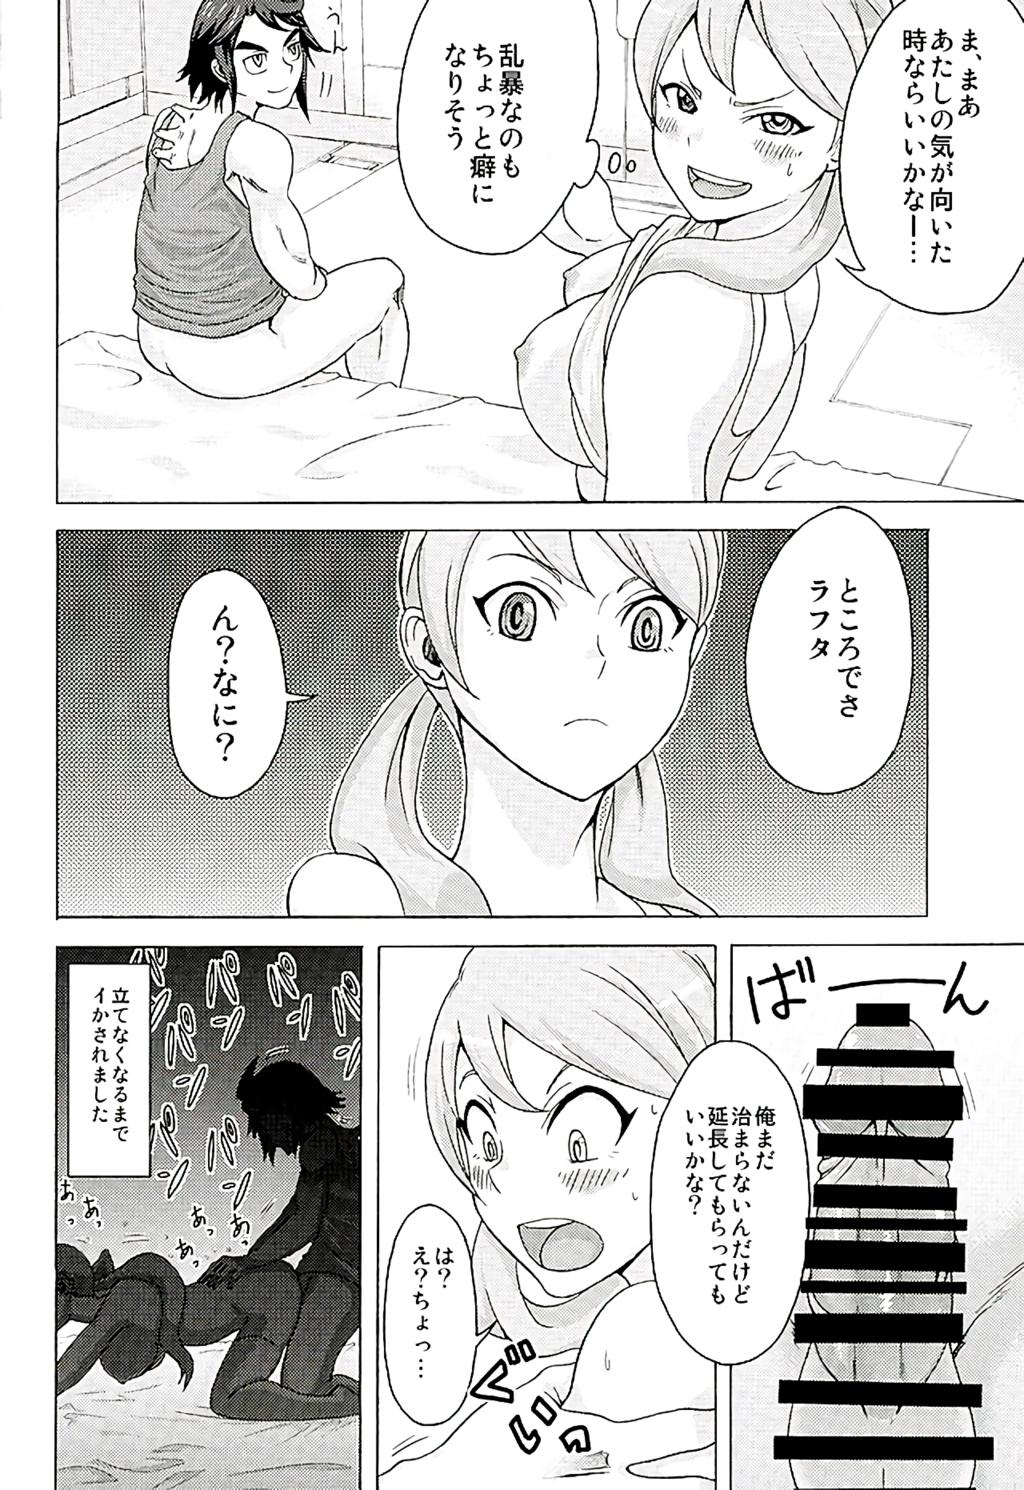 Tekkadan Fudeoroshi System 10